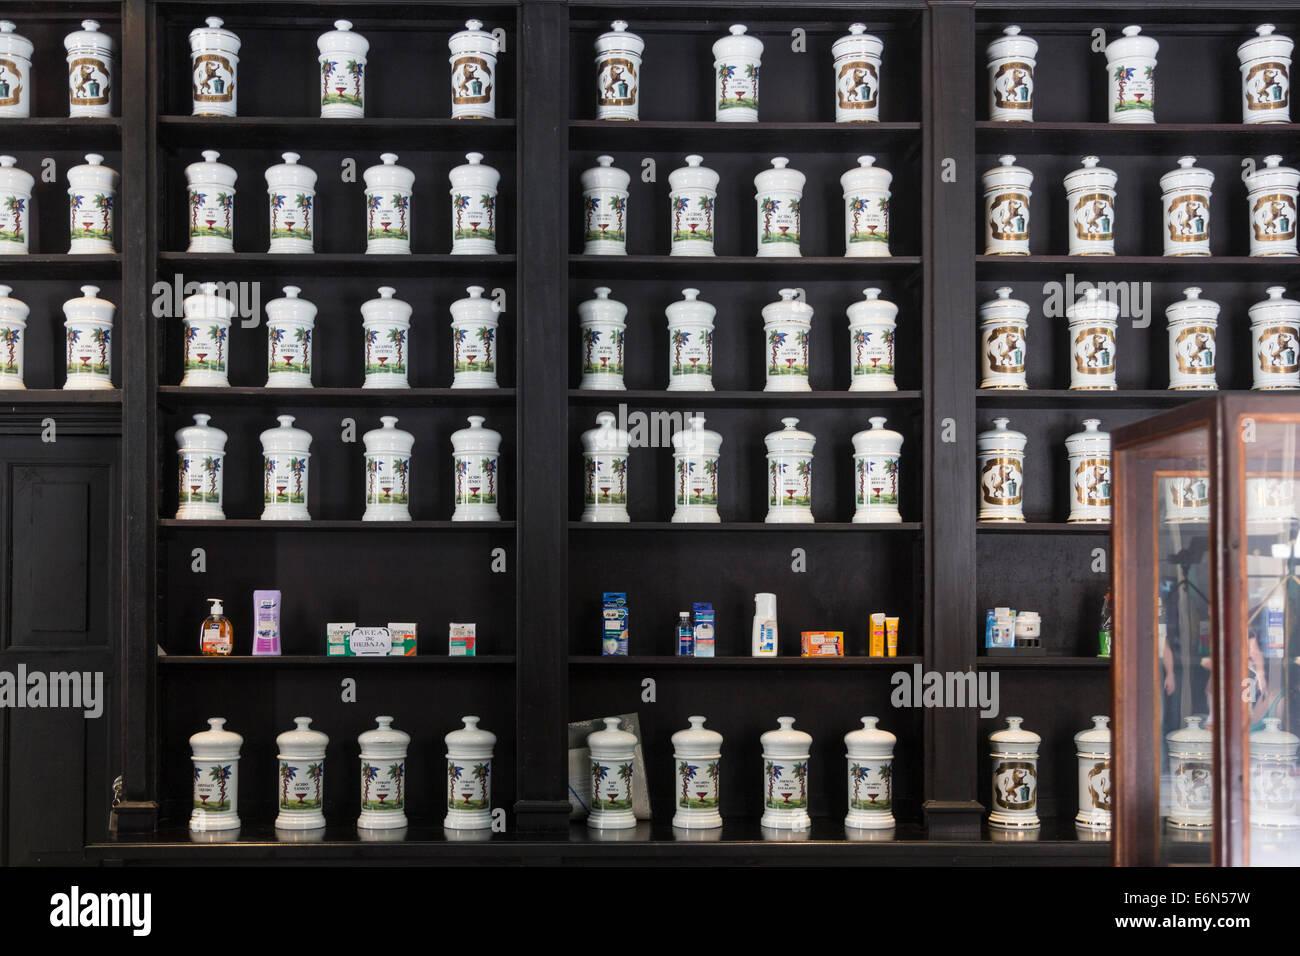 shelves full of apothecary jars, Drogueria Johnson pharmacy, Havana, Cuba - Stock Image